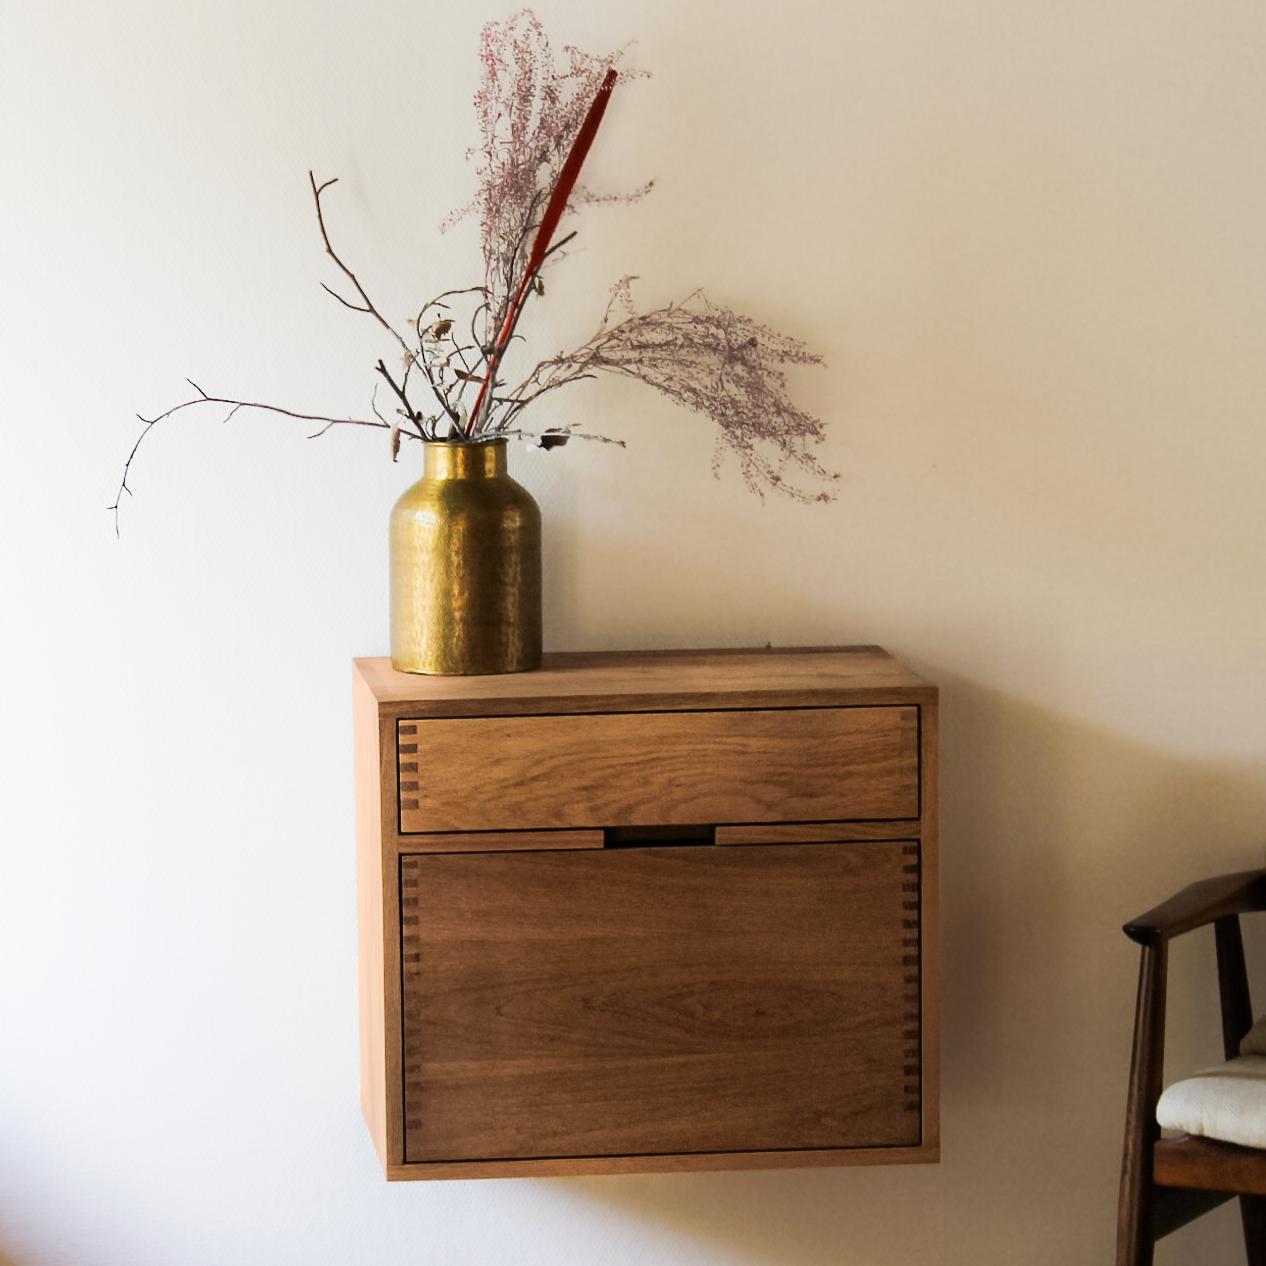 Sterr furniture møbler